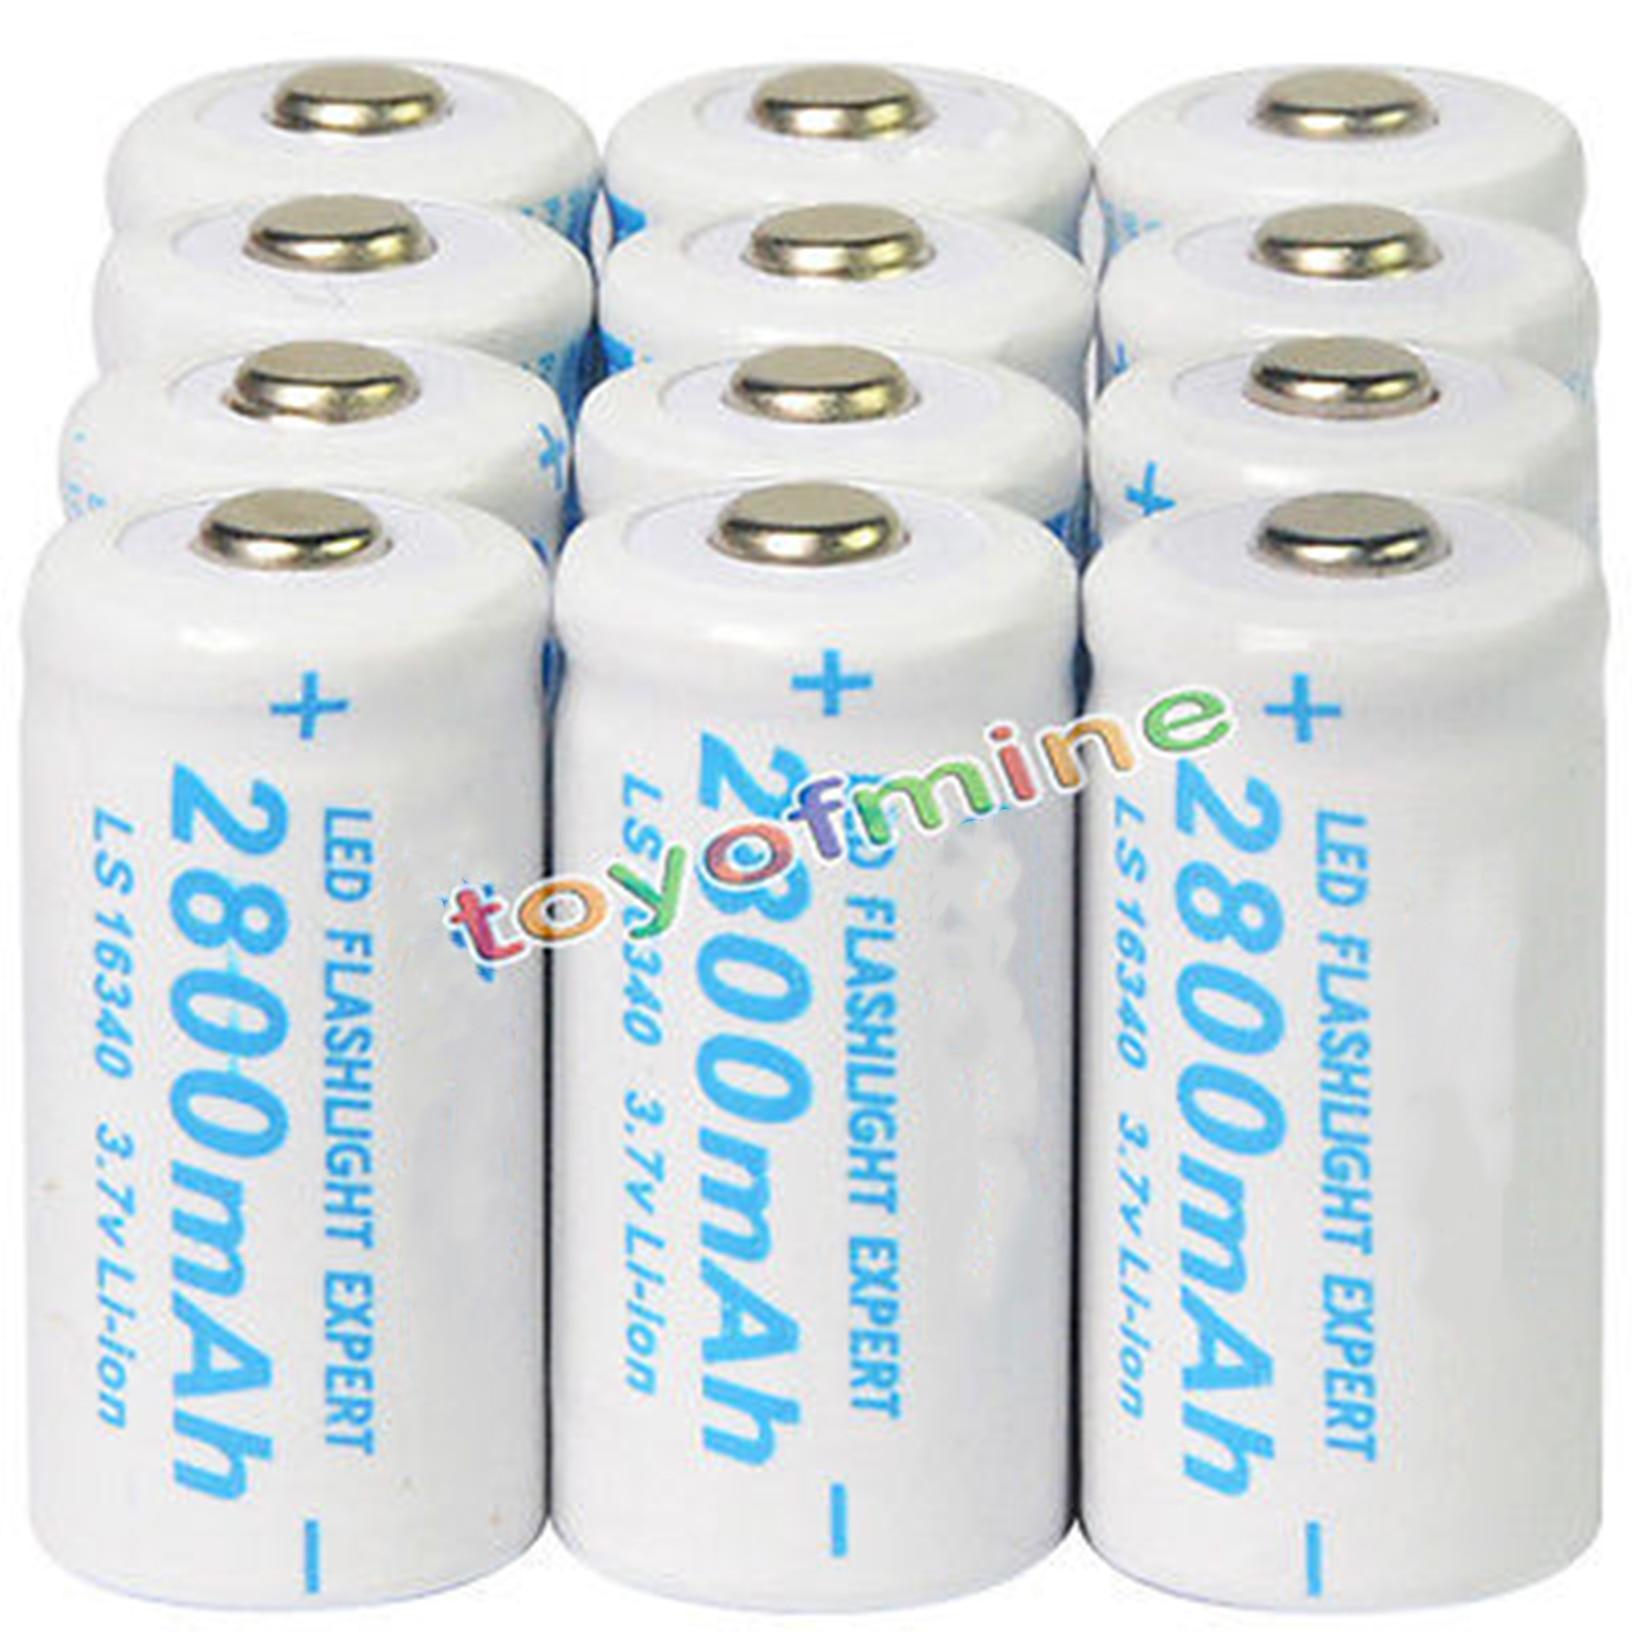 2-50 pcs Lot 2800 mAh CR123A 123A CR123 16340 3.7 V Li-Ion Bateria Recarregável Para Tocha